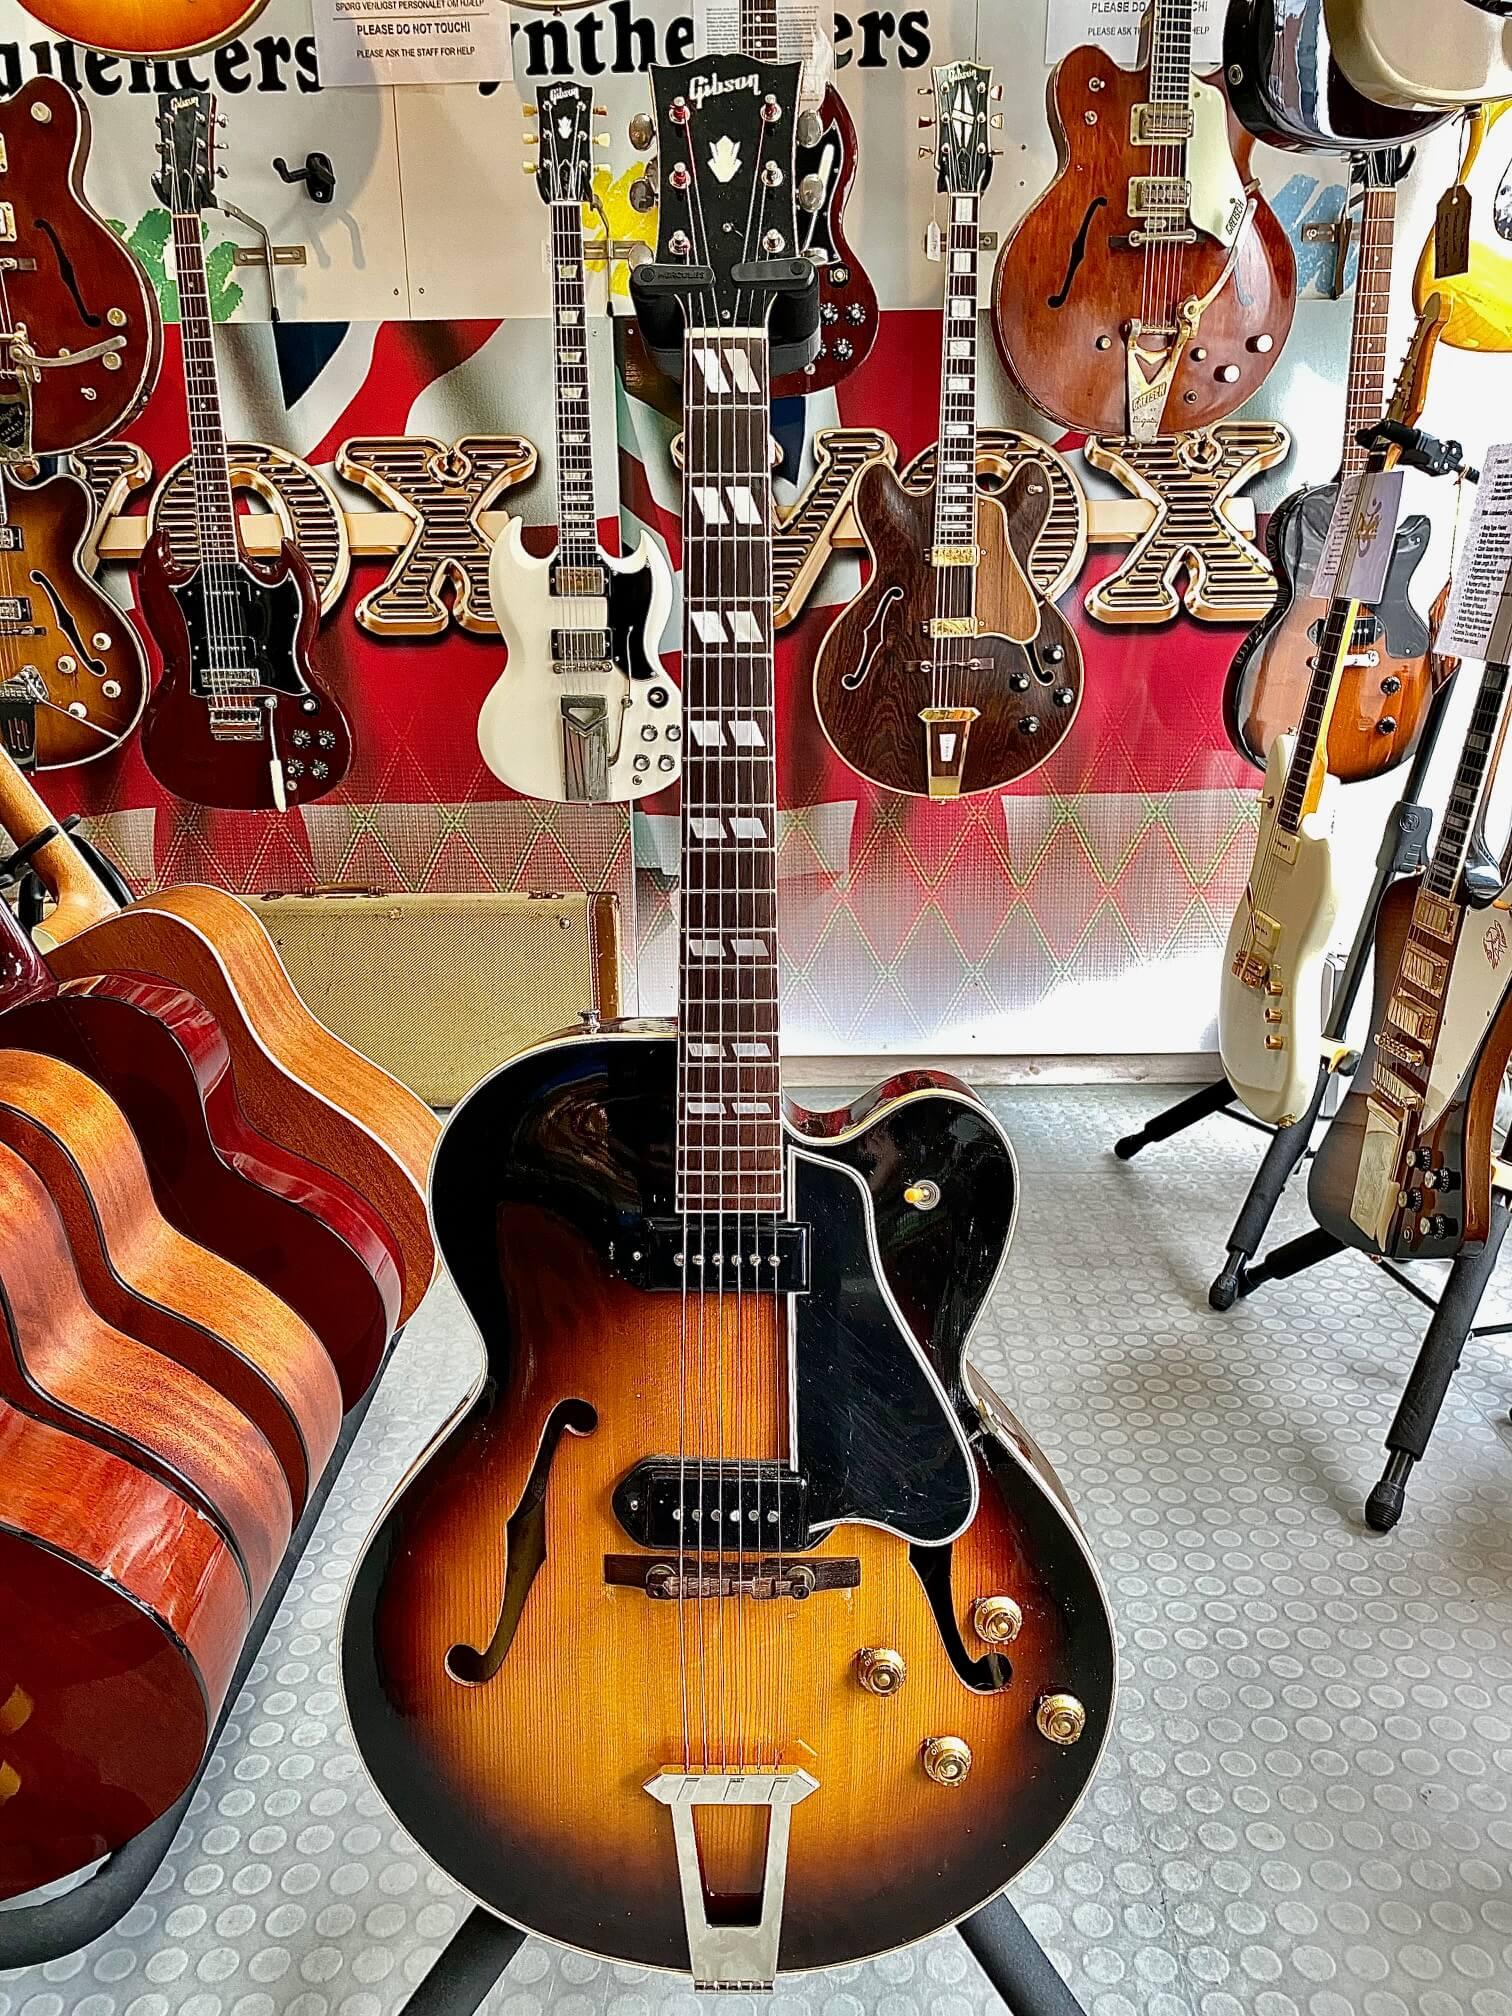 Gibson L7 CP 1949 Cut Premium A 3090 Original Lipton Case